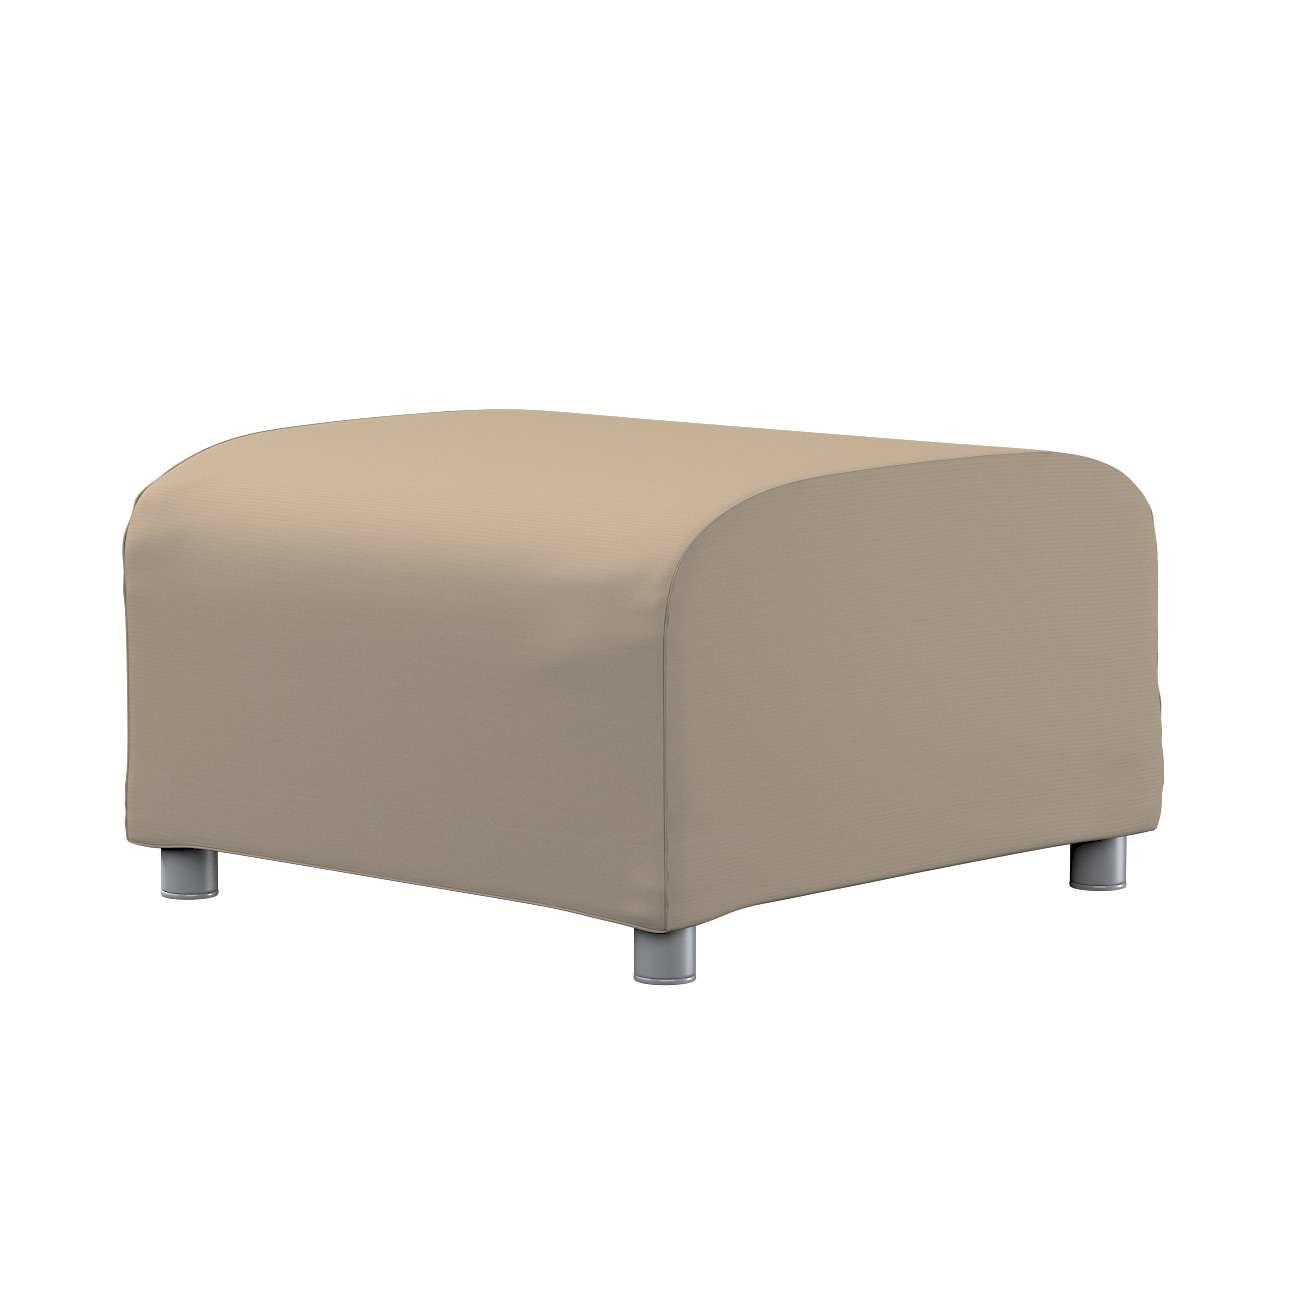 KLIPPAN pufo užvalkalas Klippan footstool cover kolekcijoje Cotton Panama, audinys: 702-28